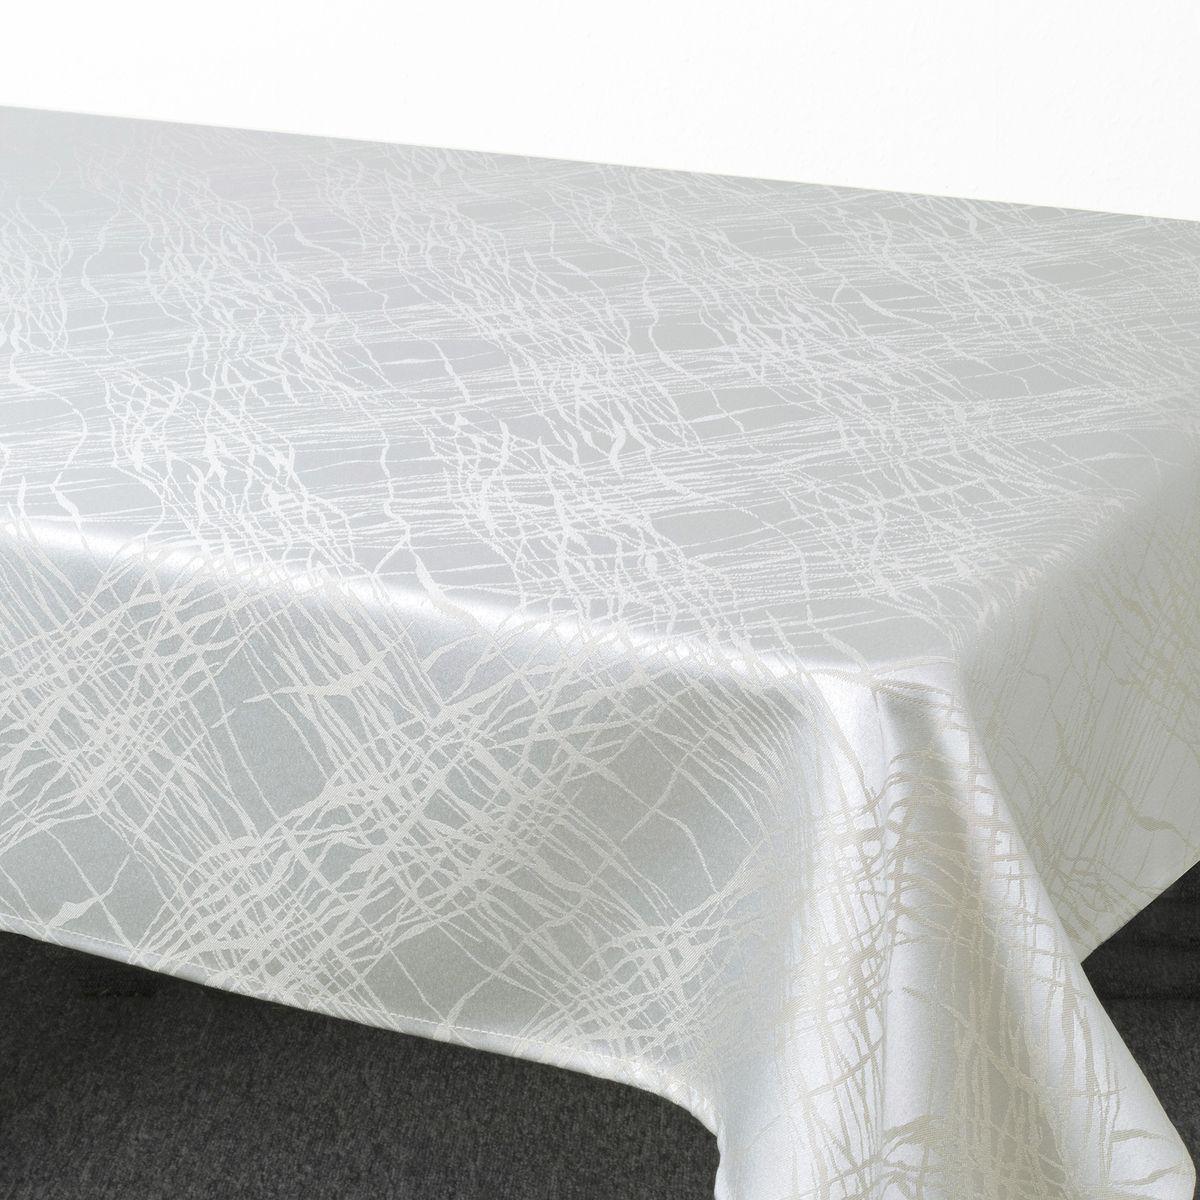 Скатерть Schaefer, прямоугольная, цвет: серый, 130 х 170 см. 07813-429 спот bankers 102868 markslojd 1177883